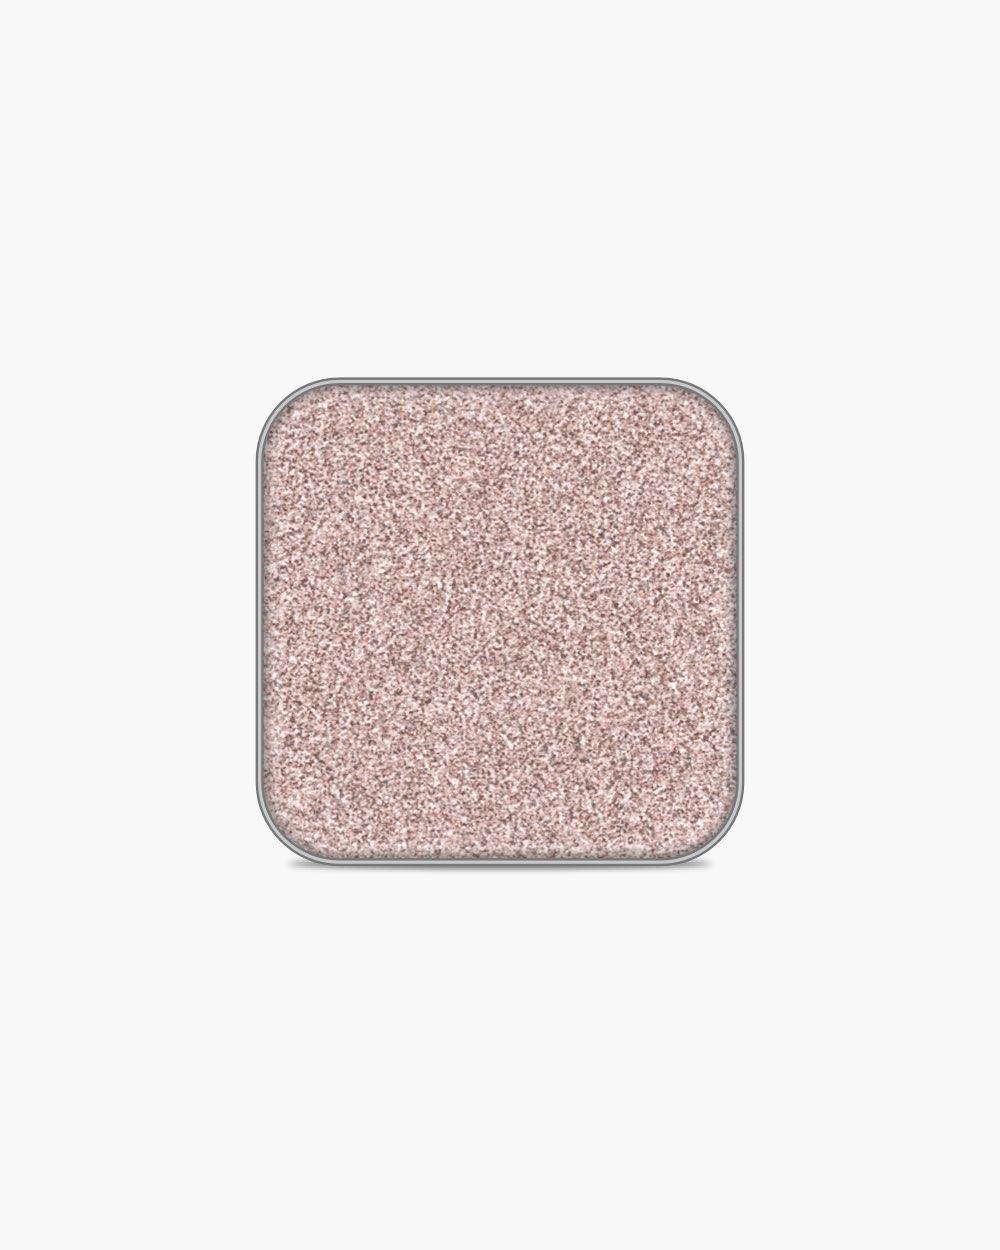 Eyeshadow - Venus